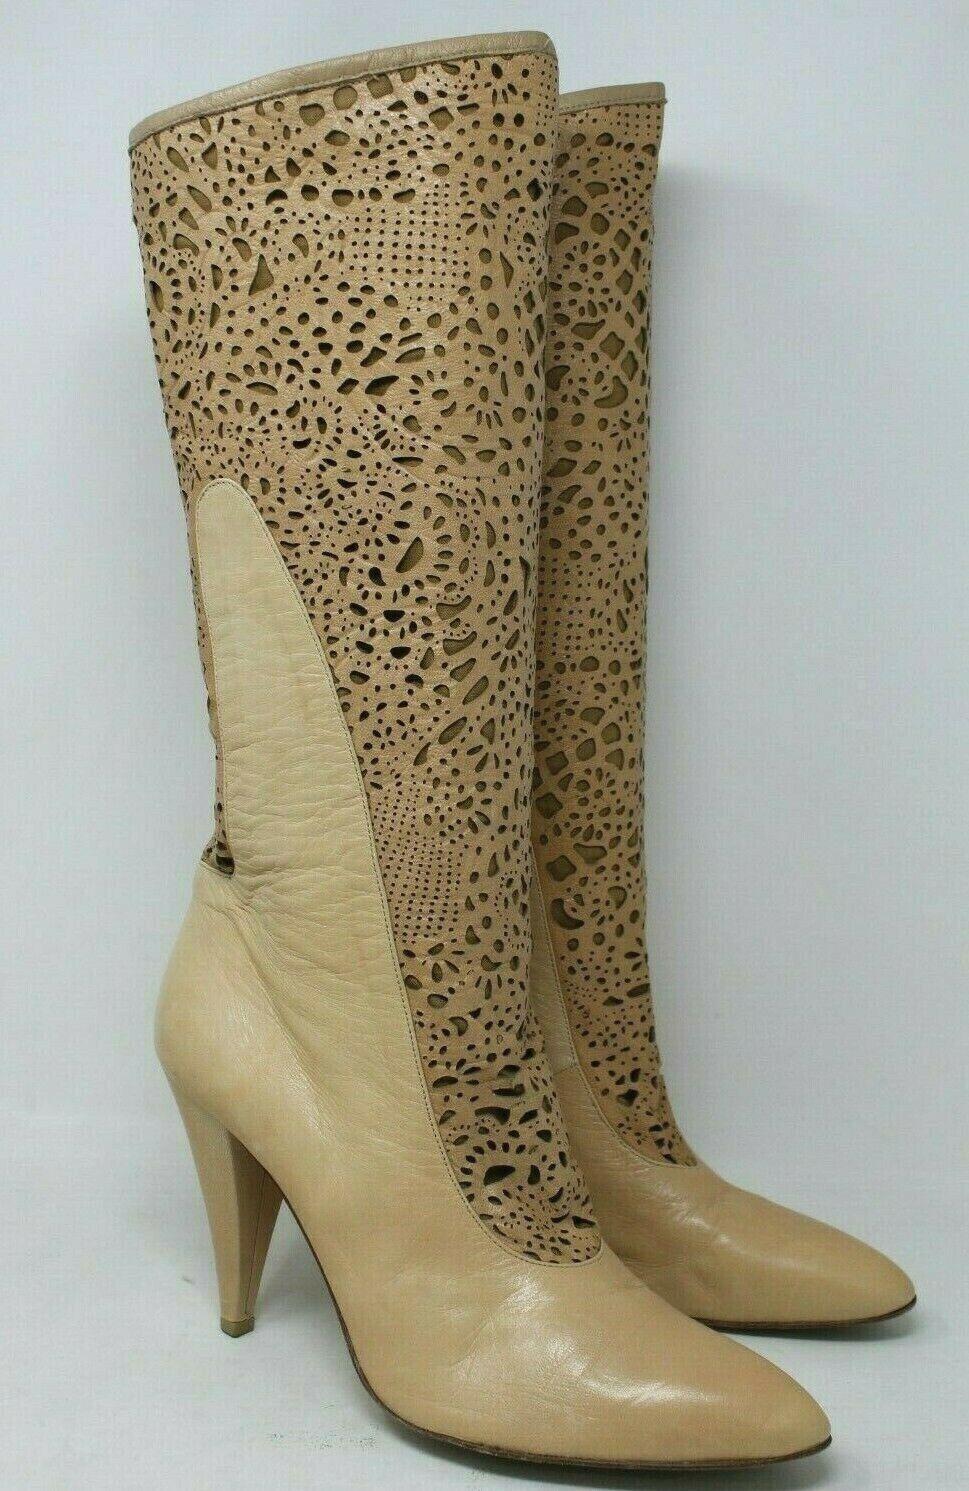 Bcbgmaxazria Corte con Láser Alto botas de Cuero en Tostado Talla  38.5 Eur ,